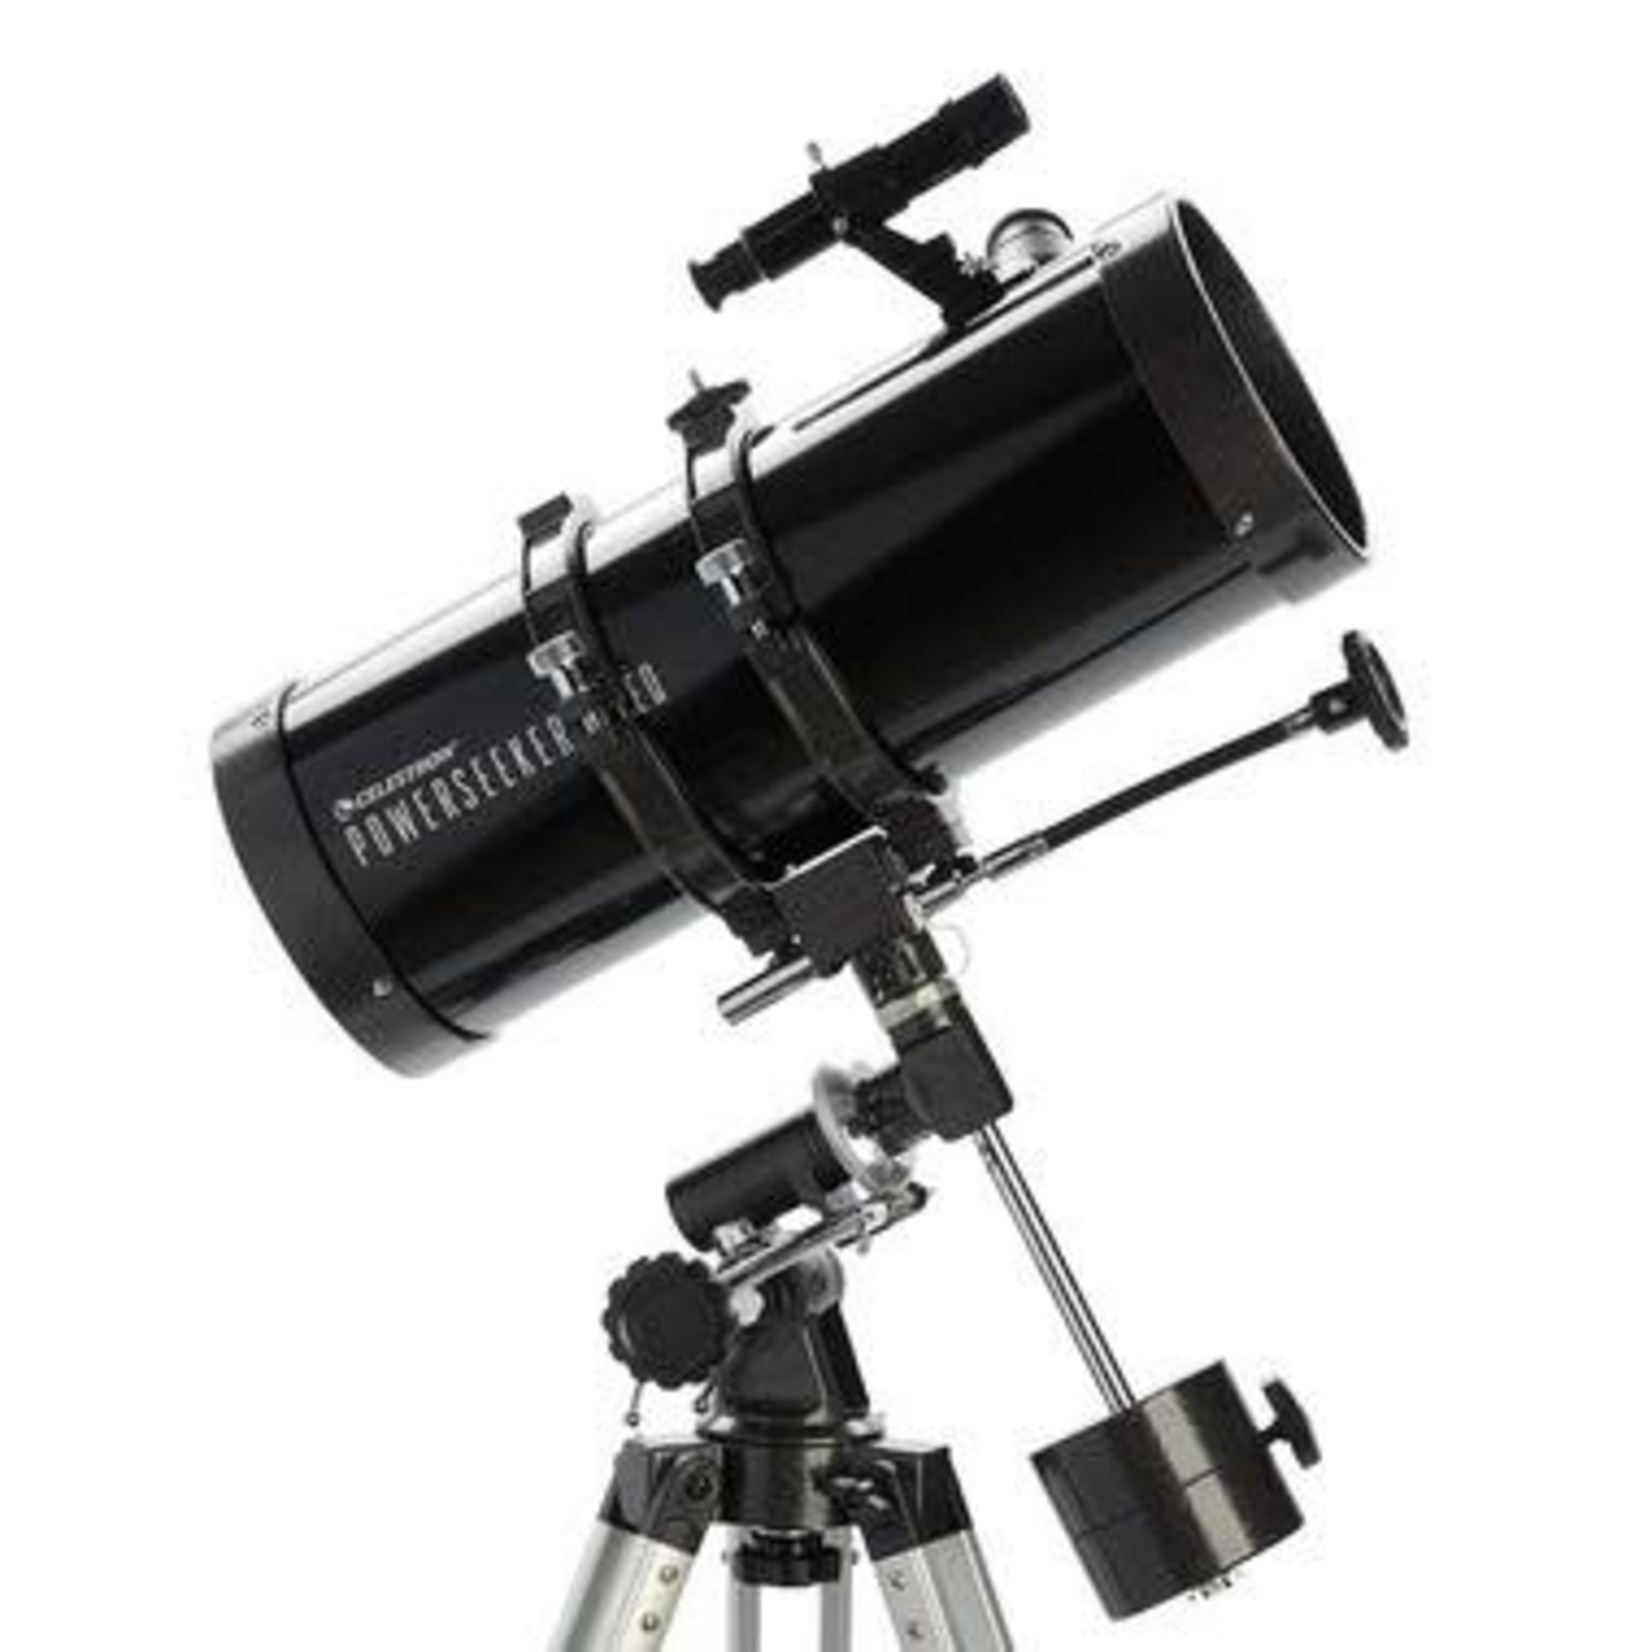 Celestron PowerSeeker 127EQ Telescope & Celestron 94306 PowerSeeker Accessory Kit Telescope (Black)